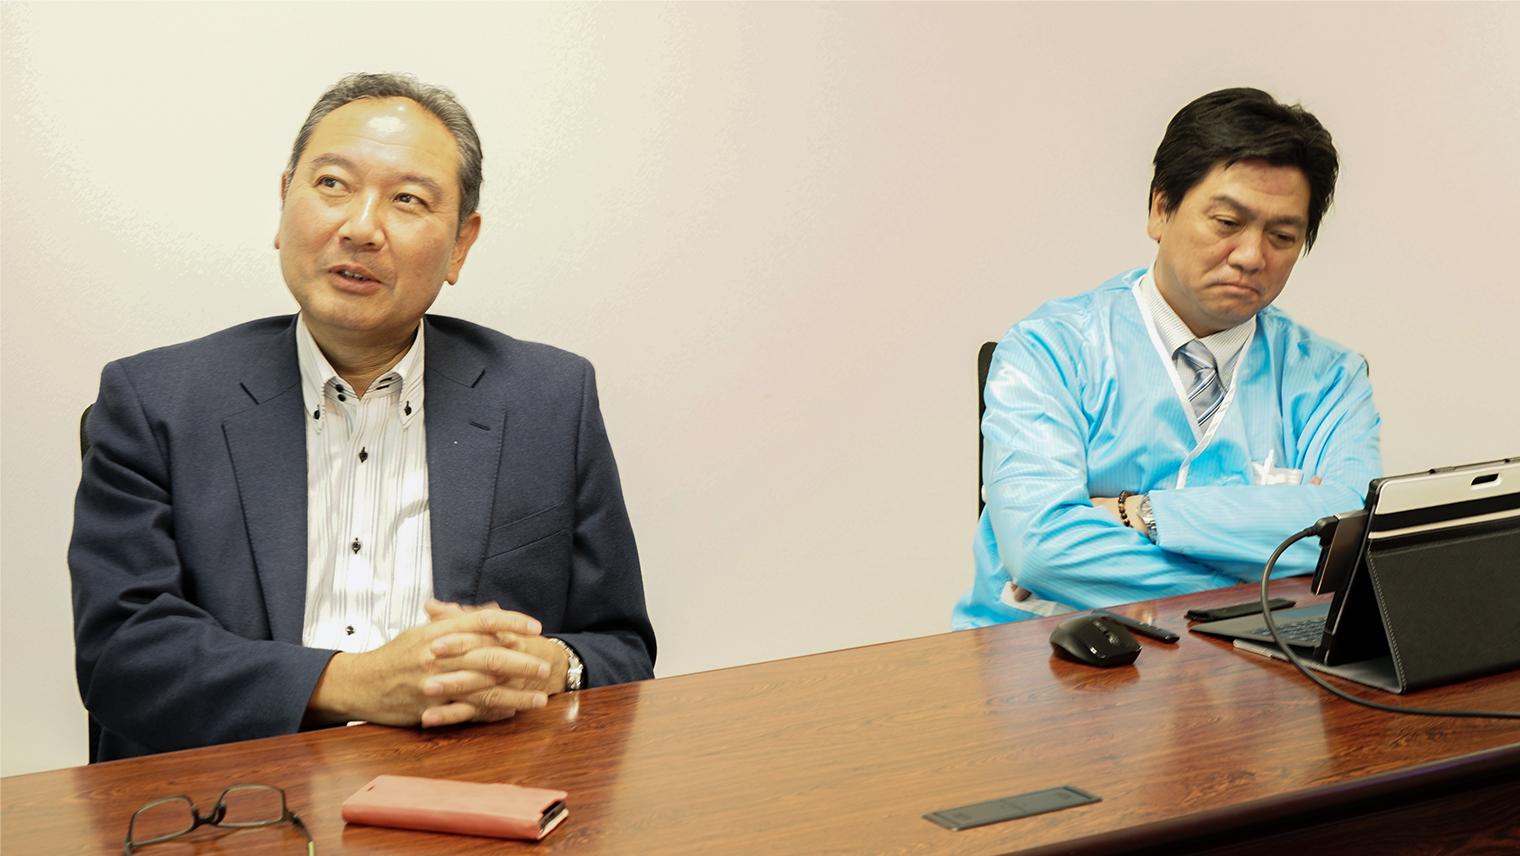 十和田オーディオ株式会社 代表取締役会長 蒲生 雅一さん、代表執行役員社長 佐藤 英幸さん